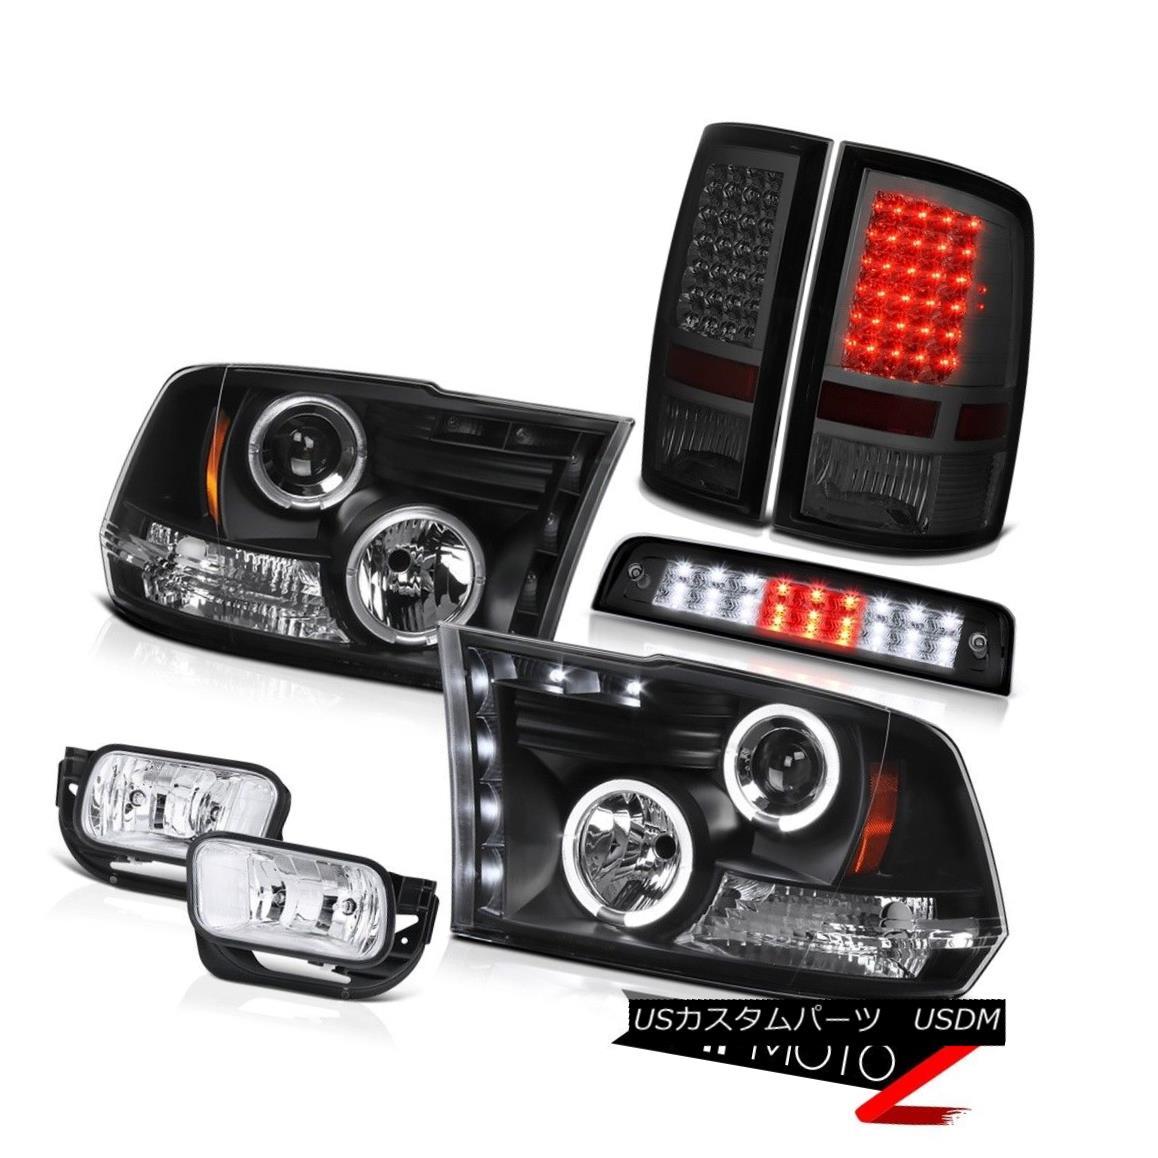 ヘッドライト 2010-2018 Ram 2500 6.7L Roof Cab Light Fog Lights Taillamps Headlights Halo Ring 2010-2018 Ram 2500 6.7LルーフキャブライトフォグライトタイルランプヘッドライトHalo Ring